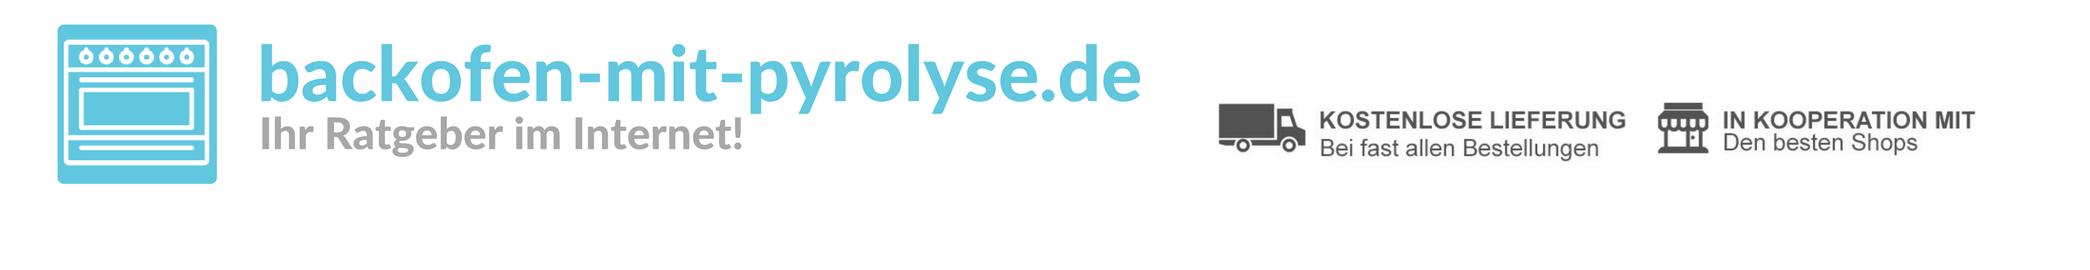 Backofen Und Kochfeld Getrennt Anschliessen Backofen Mit Pyrolyse De